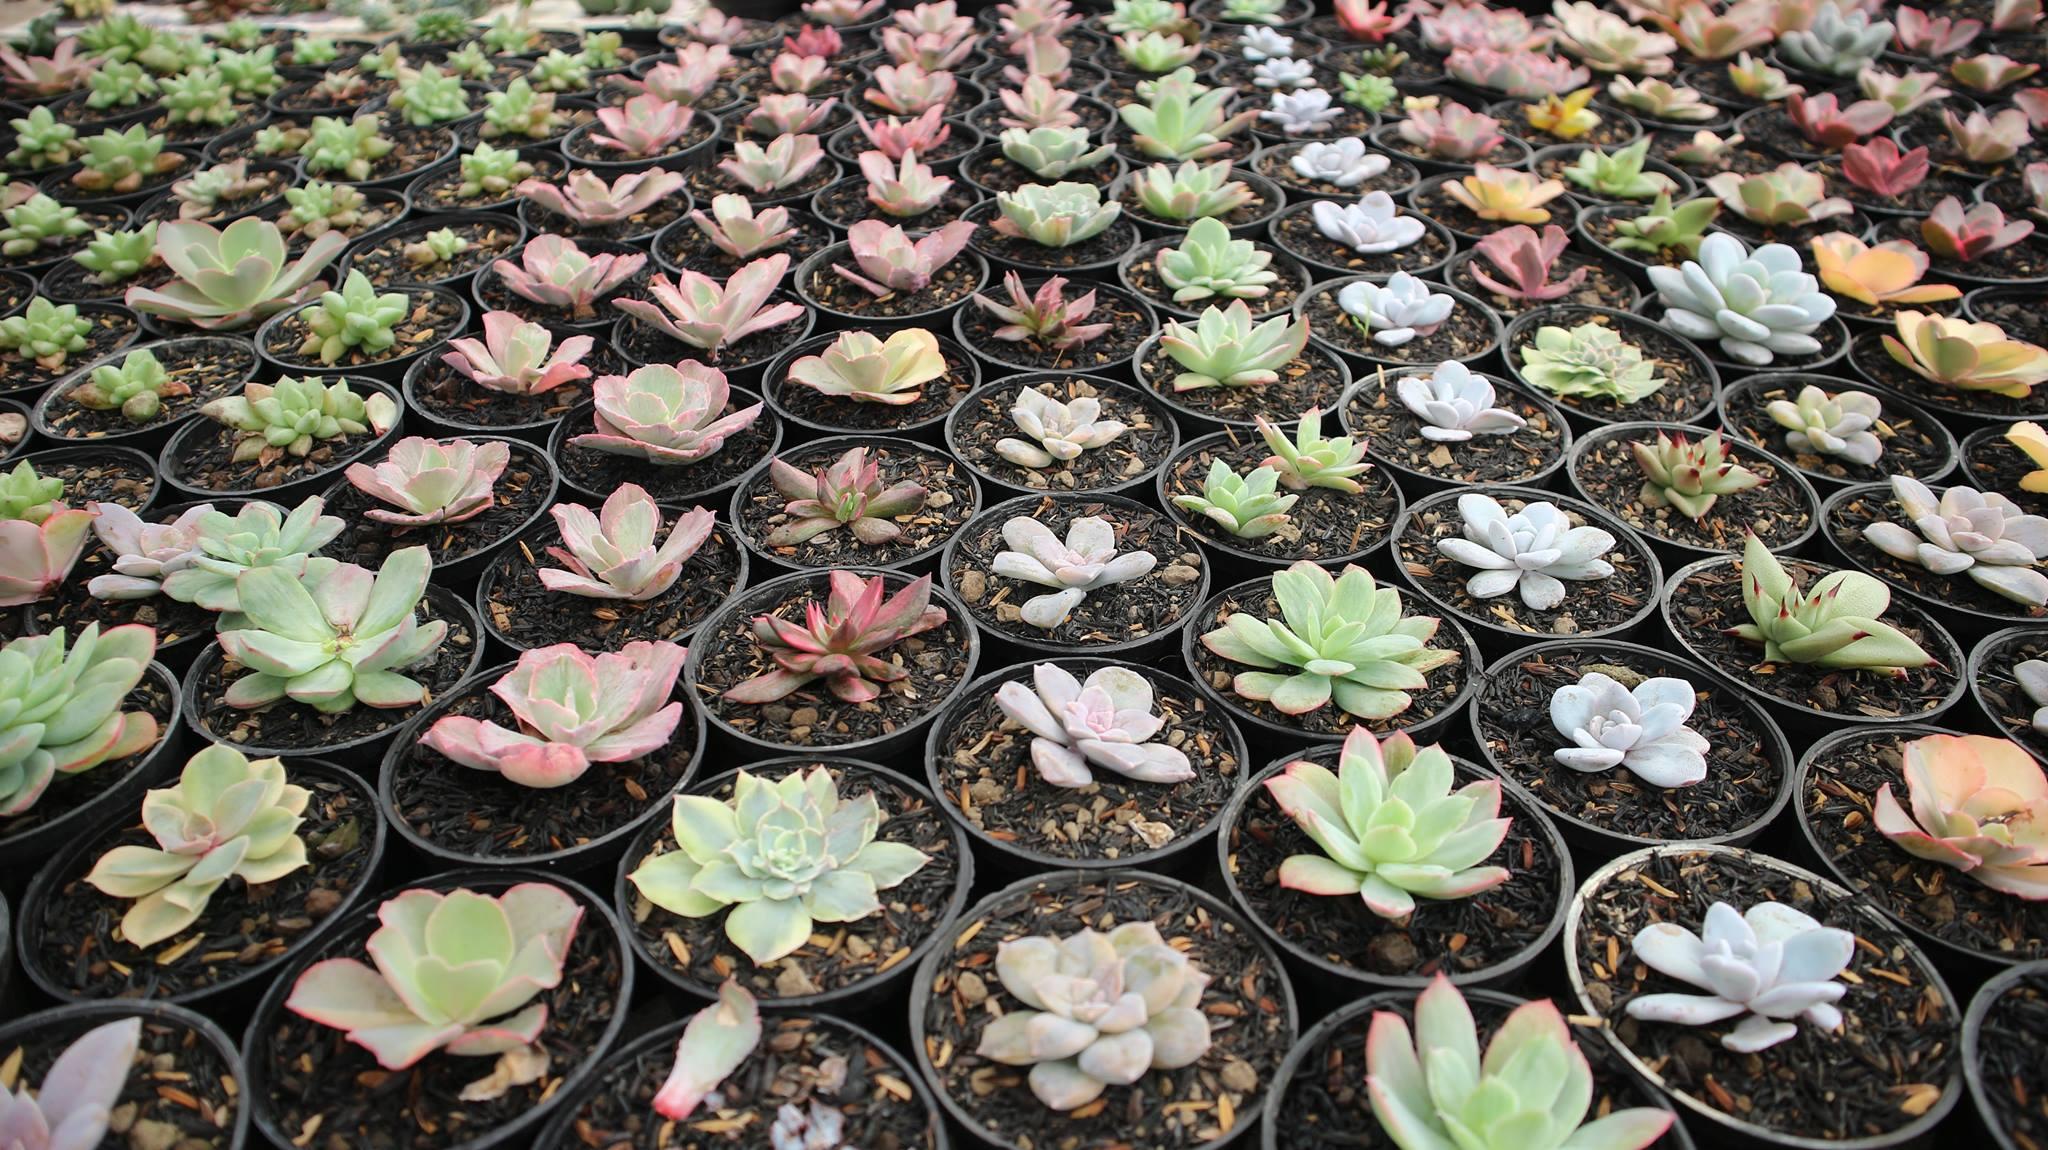 Jual Kaktus Sukulen Murah 10 Ribuan Www Kaktus Id